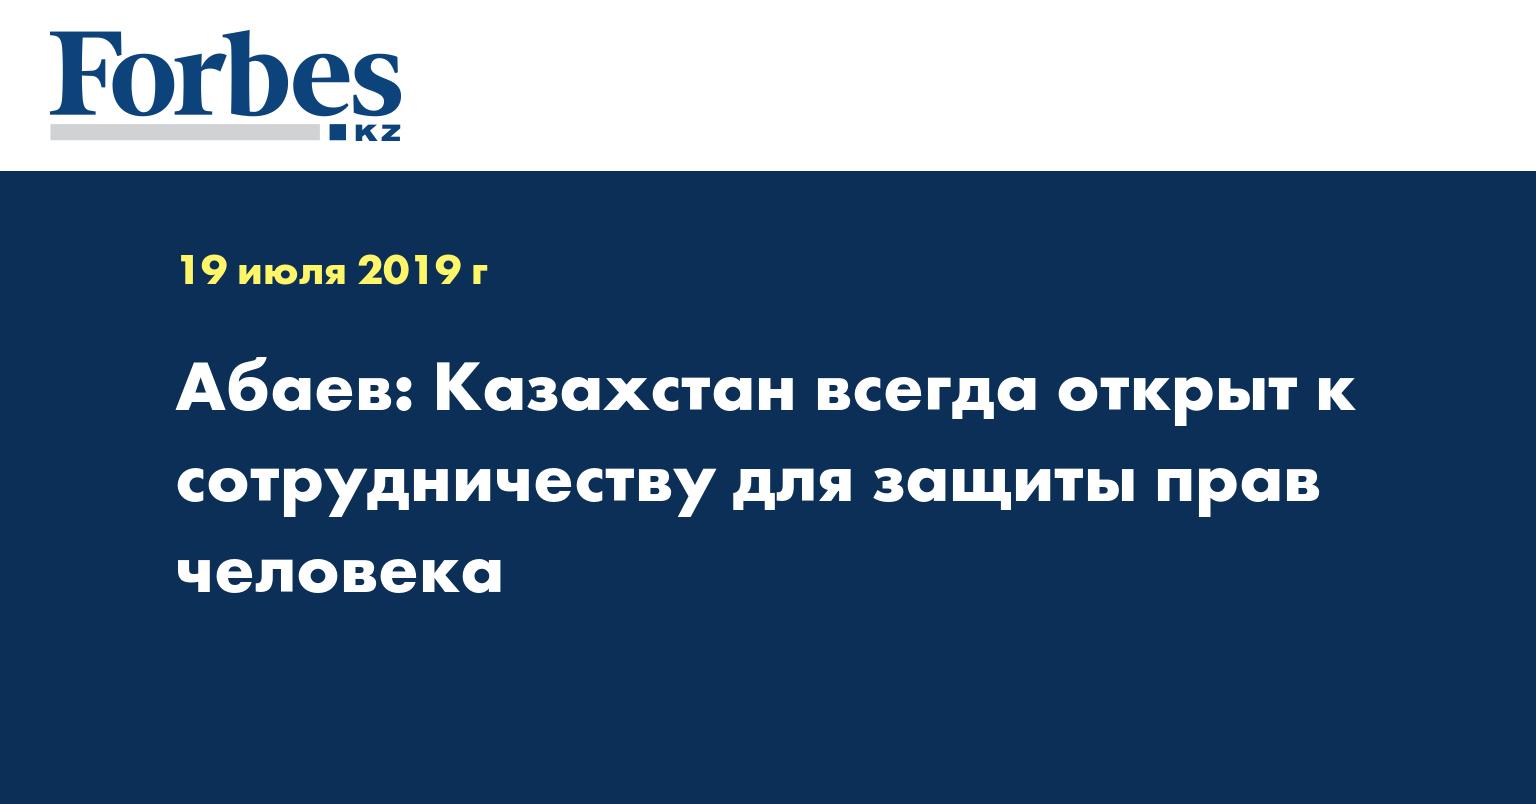 Абаев: Казахстан всегда открыт к сотрудничеству для защиты прав человека